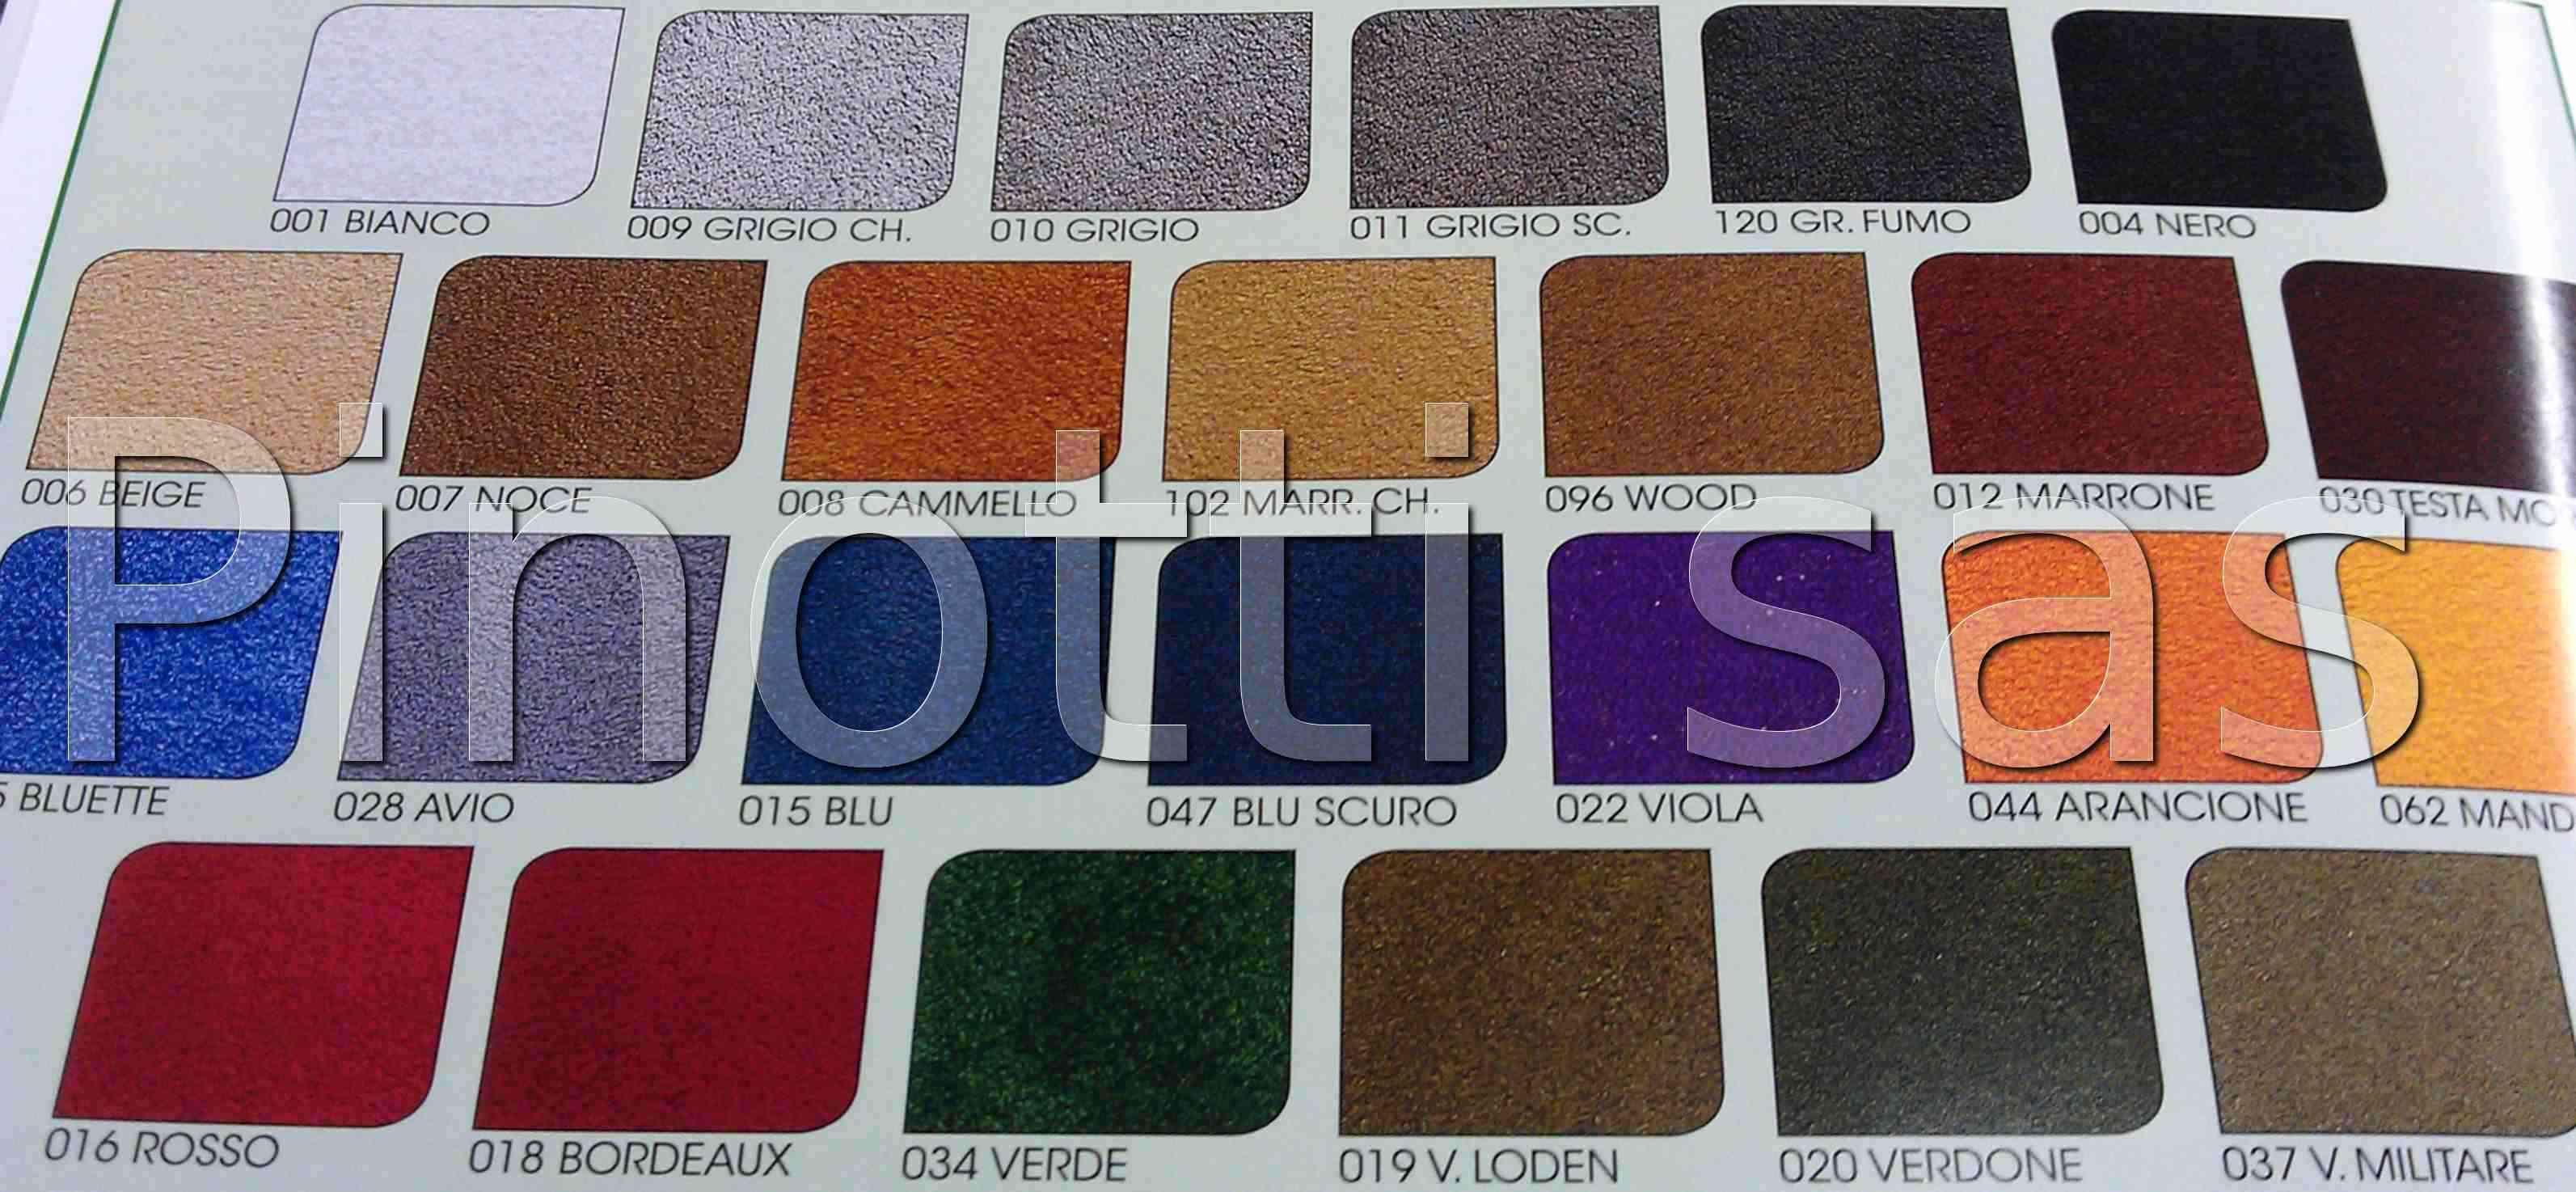 Alcantara tessuto prezzo sanotint light tabella colori for Copricaloriferi leroy merlin